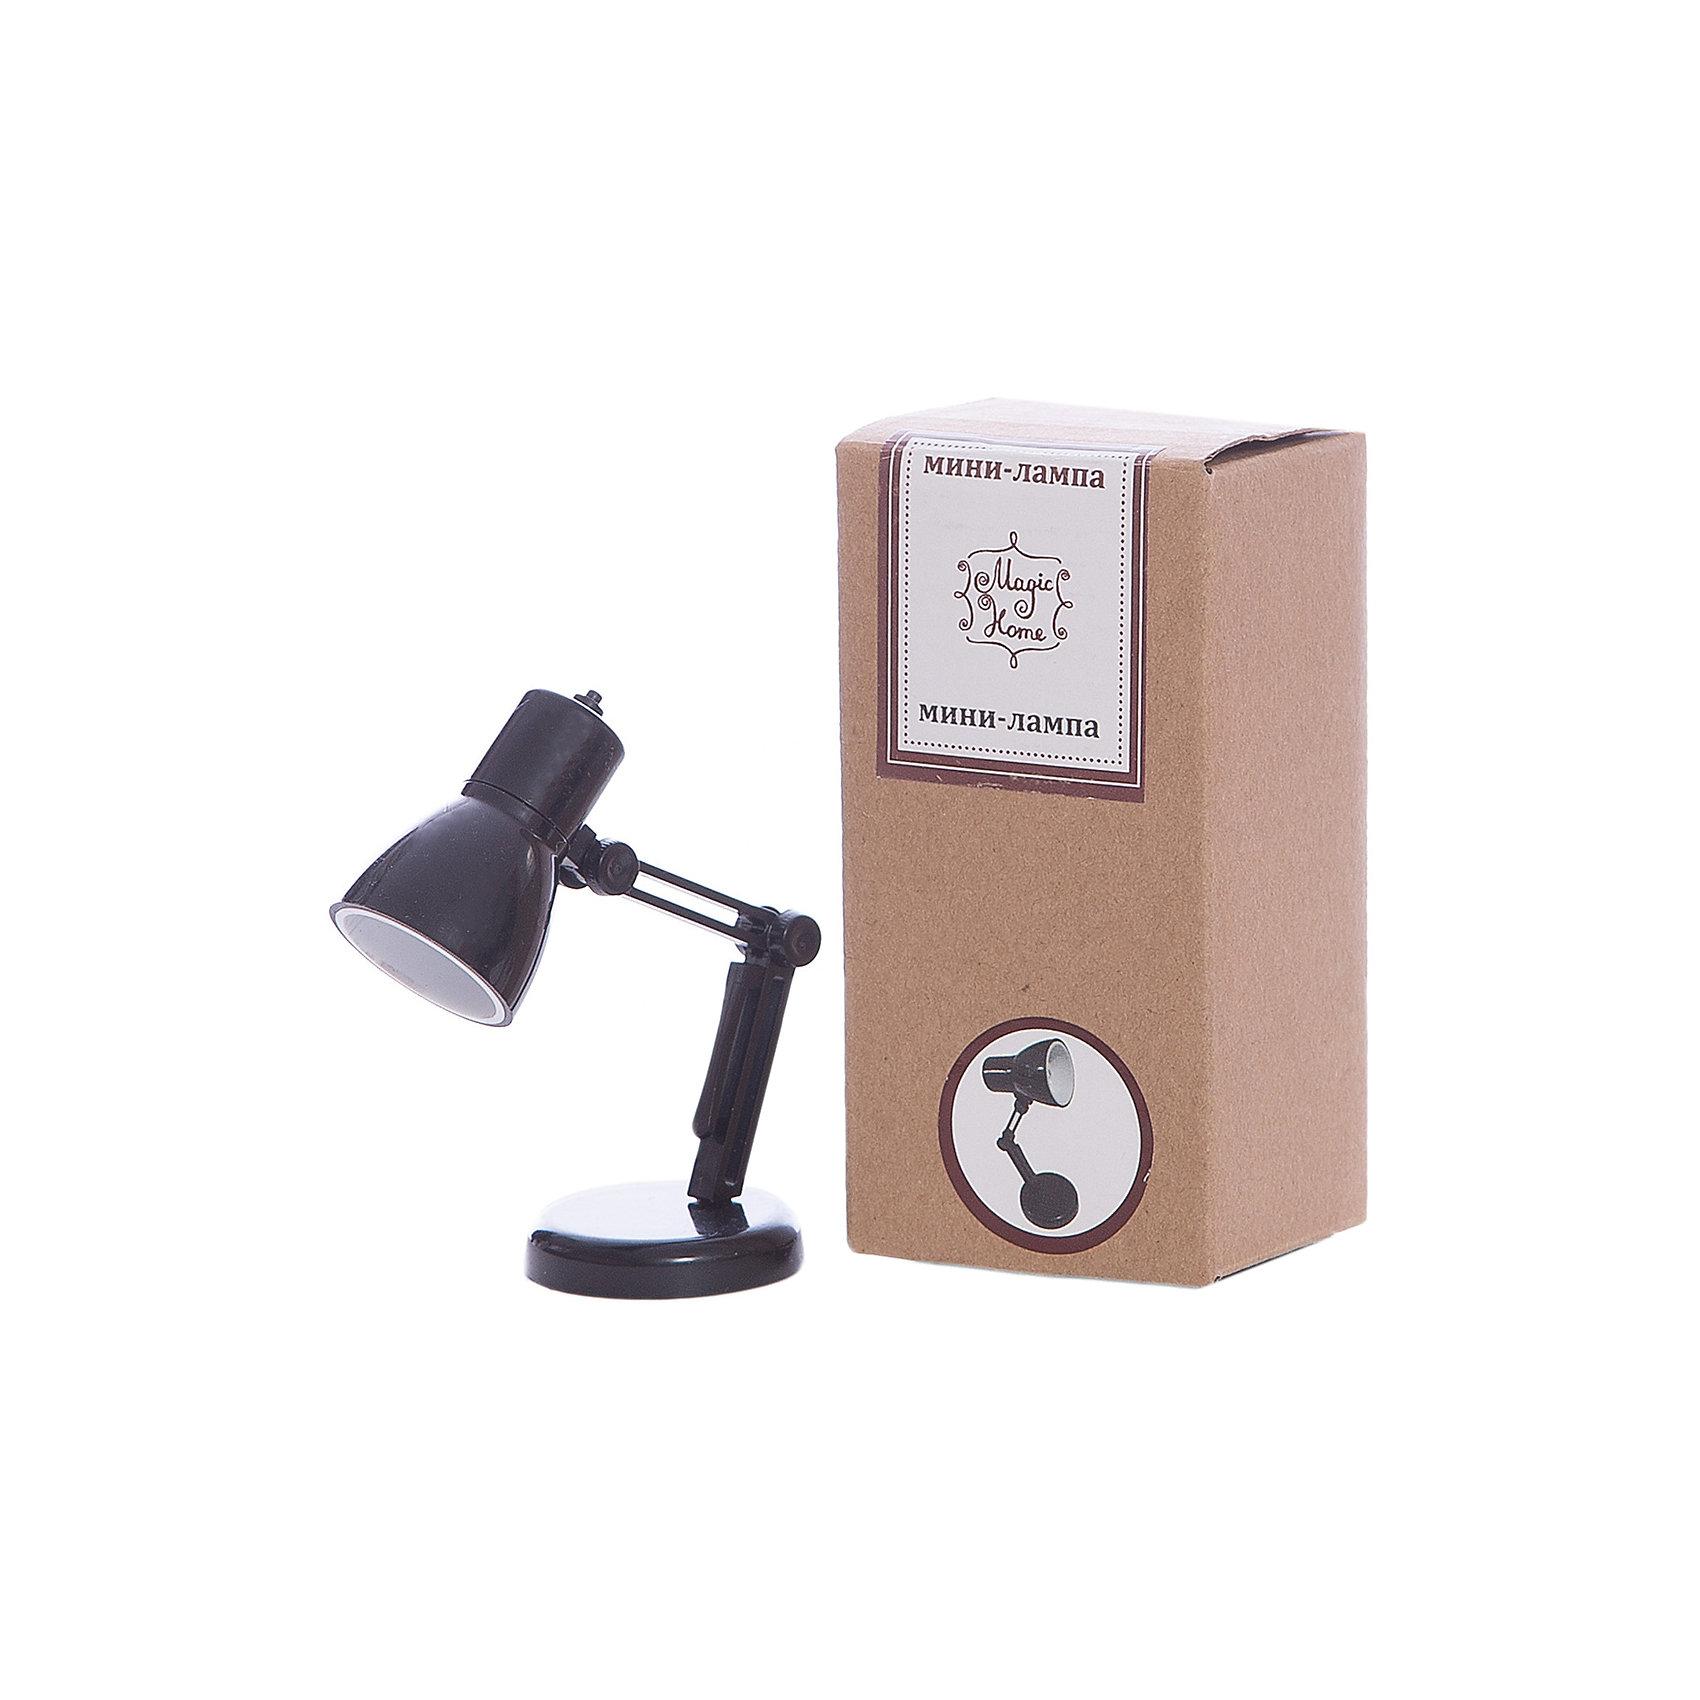 Фонарь портативный Минилампа черная электрический со светодиодной лампой, Феникс-ПрезентЛампы, ночники, фонарики<br>Фонарь портативный Минилампа черная электрический со светодиодной лампой, Феникс-Презент<br><br>Характеристики:<br><br>• компактный фонарик со светодиодной лампой<br>• размер: 12х4,6 см<br>• корпус из АБС пластика<br>• светодиодная лампа DIA 5 мм<br>• питание: батарейка AG 10 - 3 шт.<br>• цвет: черный<br><br>С портативным фонариком Минилампа черная вы сможете найти потерянные предметы или даже почитать в темноте. Компактный размер позволяет брать фонарик с собой. При этом светодиодные лампы обладают достаточной мощностью для полноценного освещения. Корпус изделия изготовлен из ударопрочного пластика. Фонарик выполнен в виде лампы.<br><br>Фонарь портативный Минилампа черная электрический со светодиодной лампой, Феникс-Презент можно купить в нашем интернет-магазине.<br><br>Ширина мм: 50<br>Глубина мм: 60<br>Высота мм: 120<br>Вес г: 56<br>Возраст от месяцев: 36<br>Возраст до месяцев: 2147483647<br>Пол: Унисекс<br>Возраст: Детский<br>SKU: 5449689